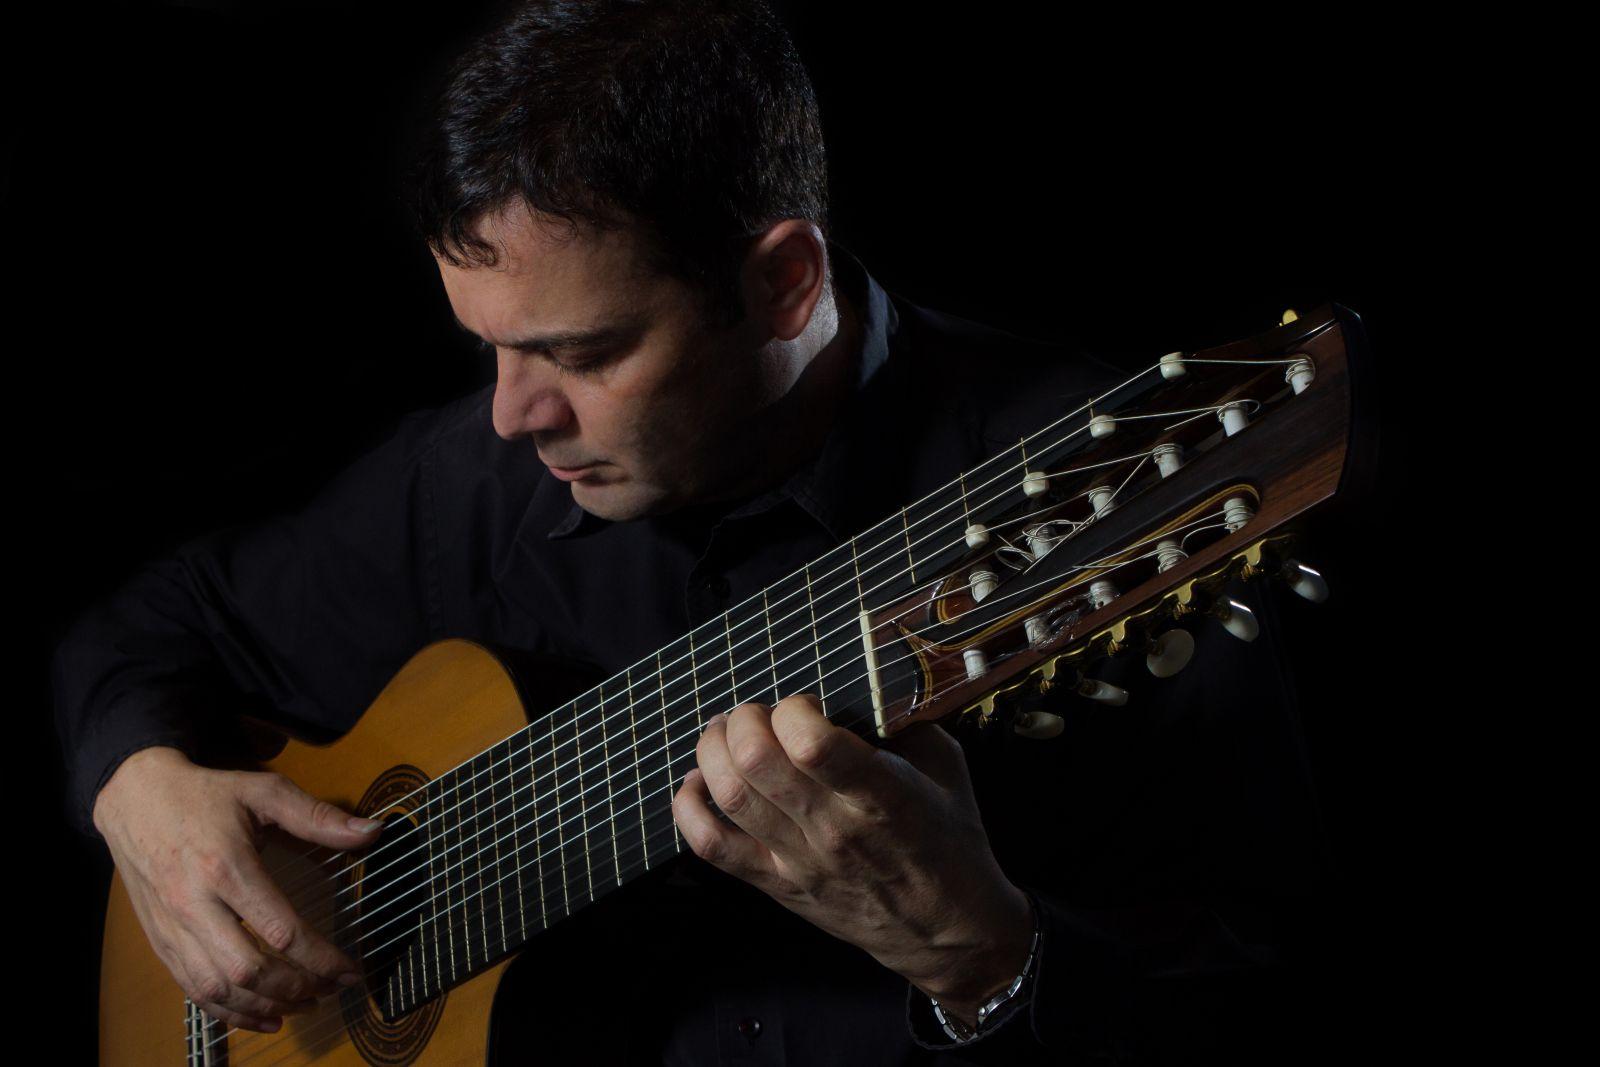 Festival em Teresina cresce com grandes recitais de violão em agosto - Paulo Martelli. Crédito: Lucas Tannuri